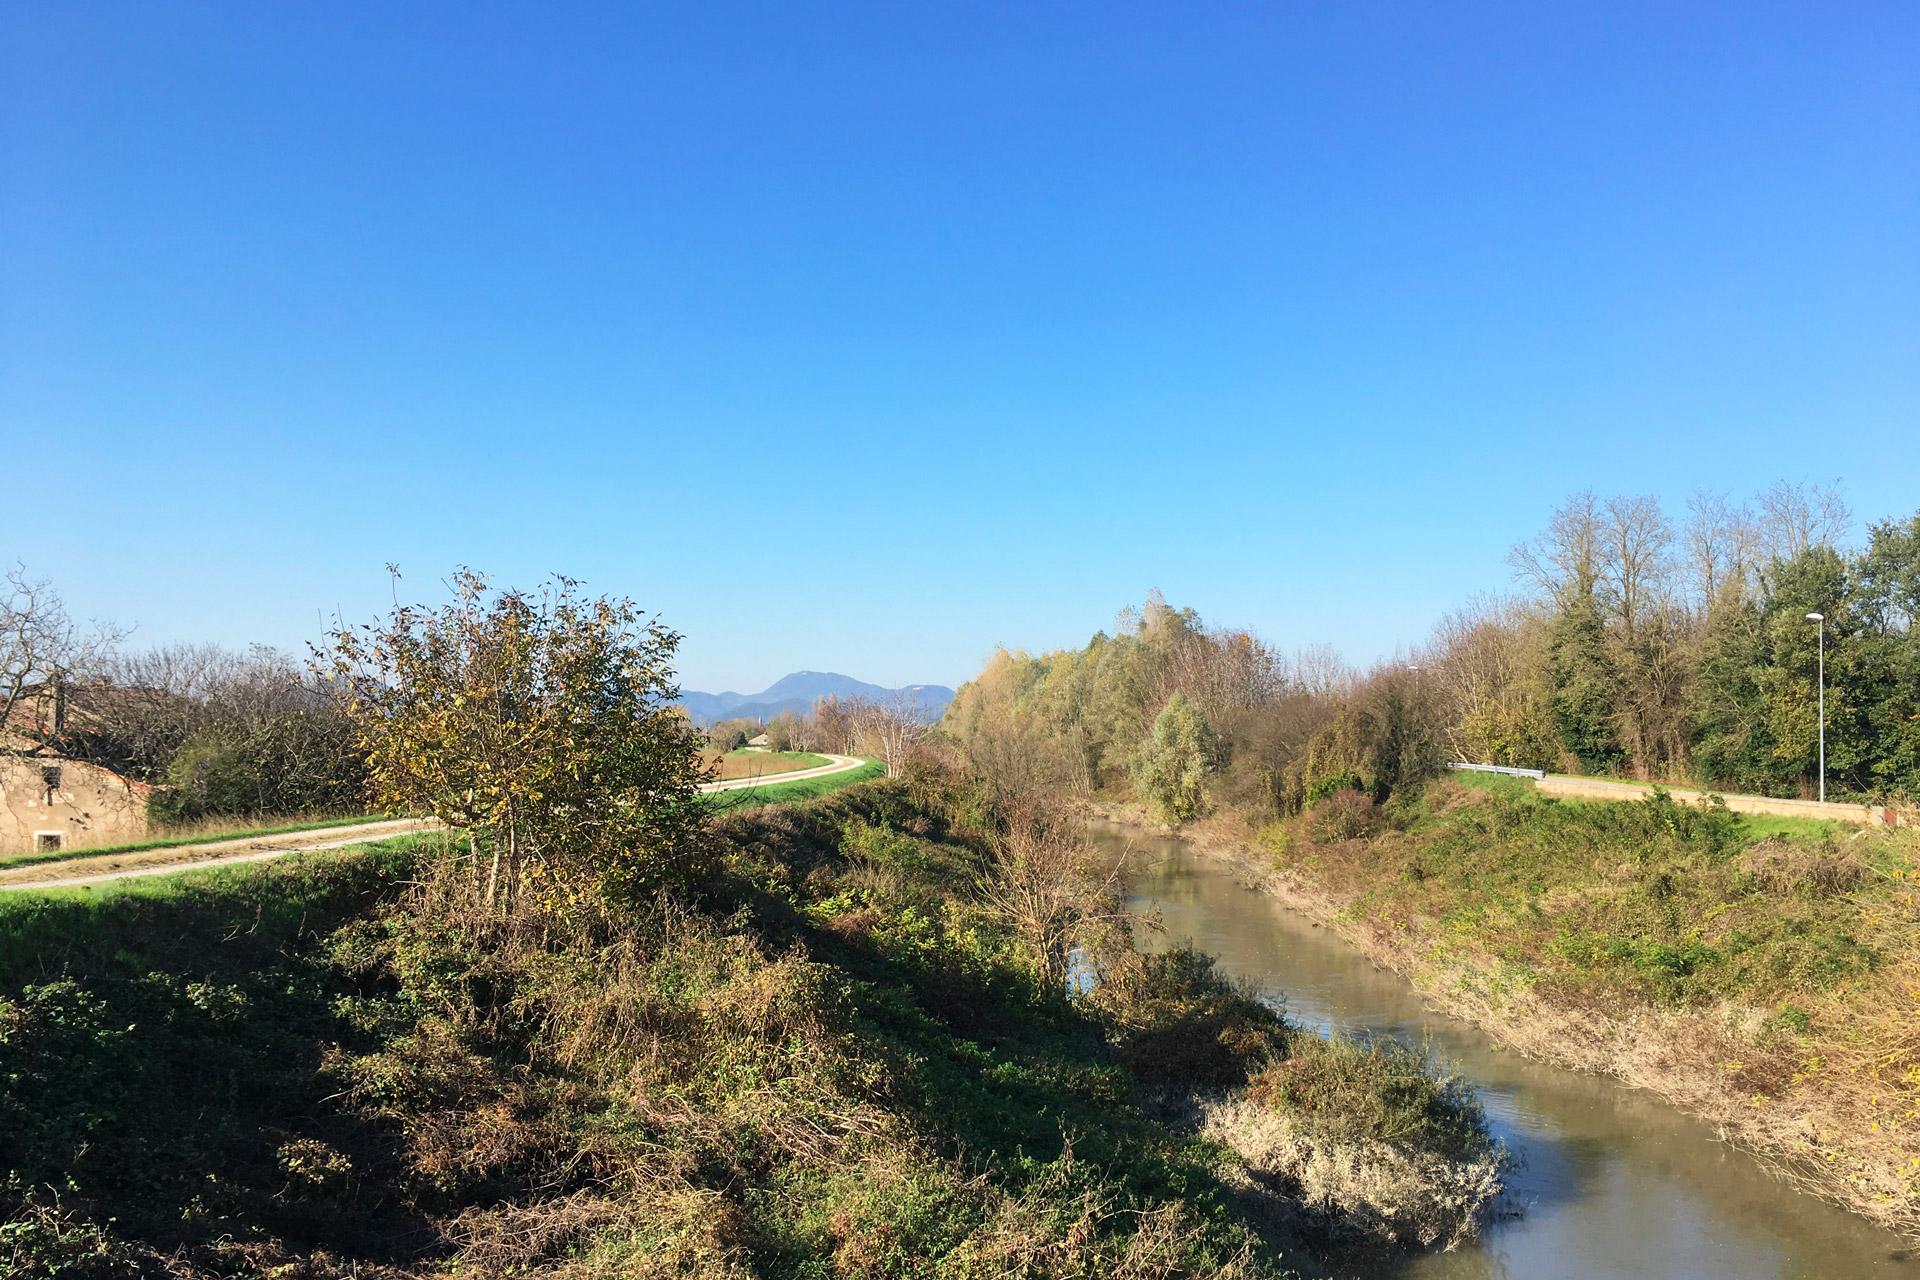 Cartura_Percorso lungo il canale con Colli Euganei sullo sfondo